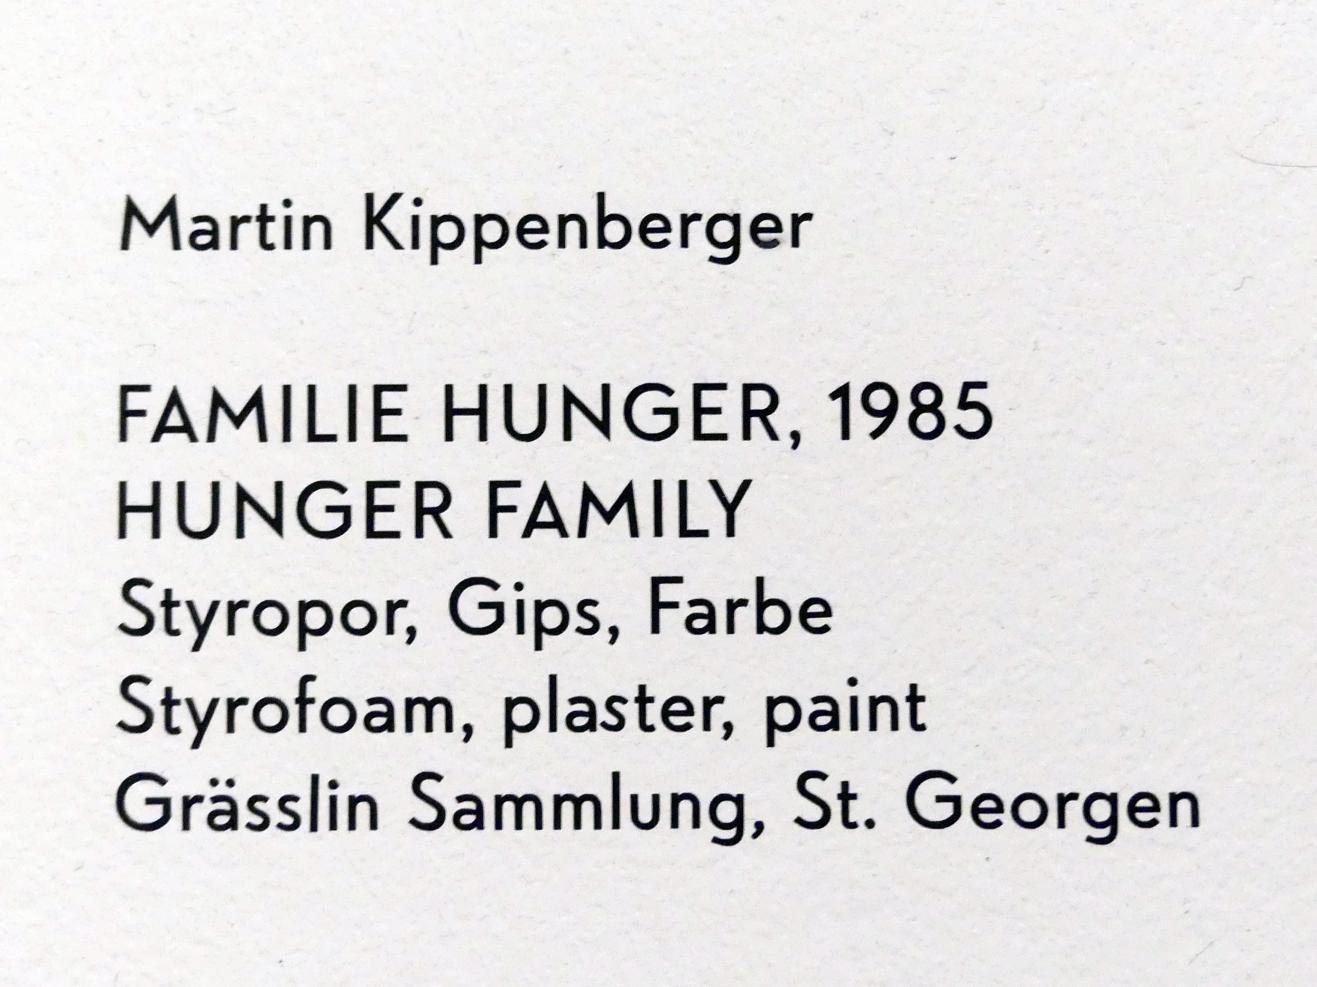 Martin Kippenberger: Familie Hunger, 1985, Bild 9/9